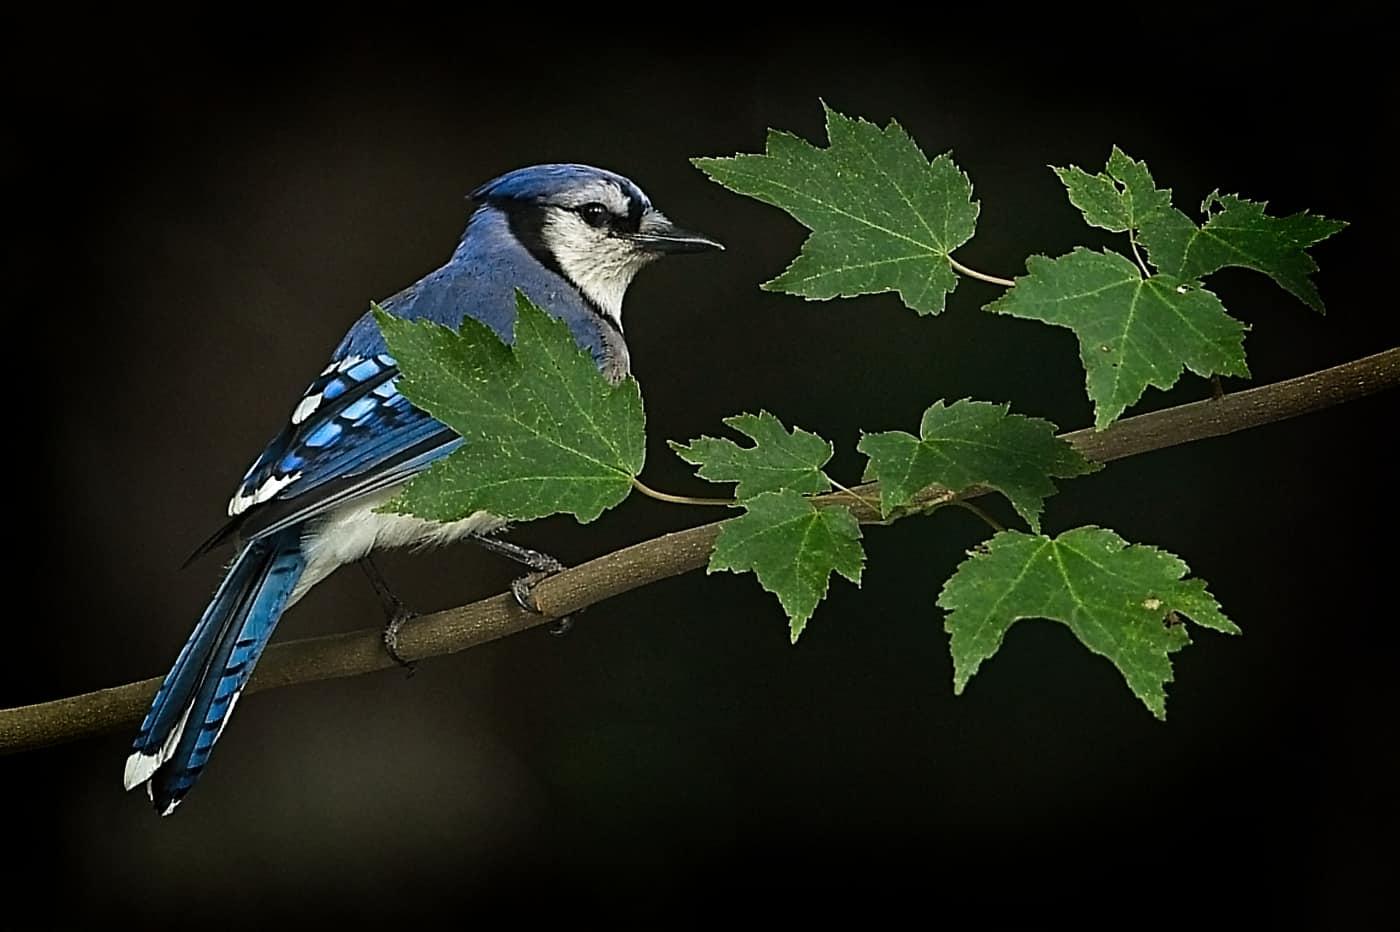 Amongst The Leaves by Bo Wiedemann